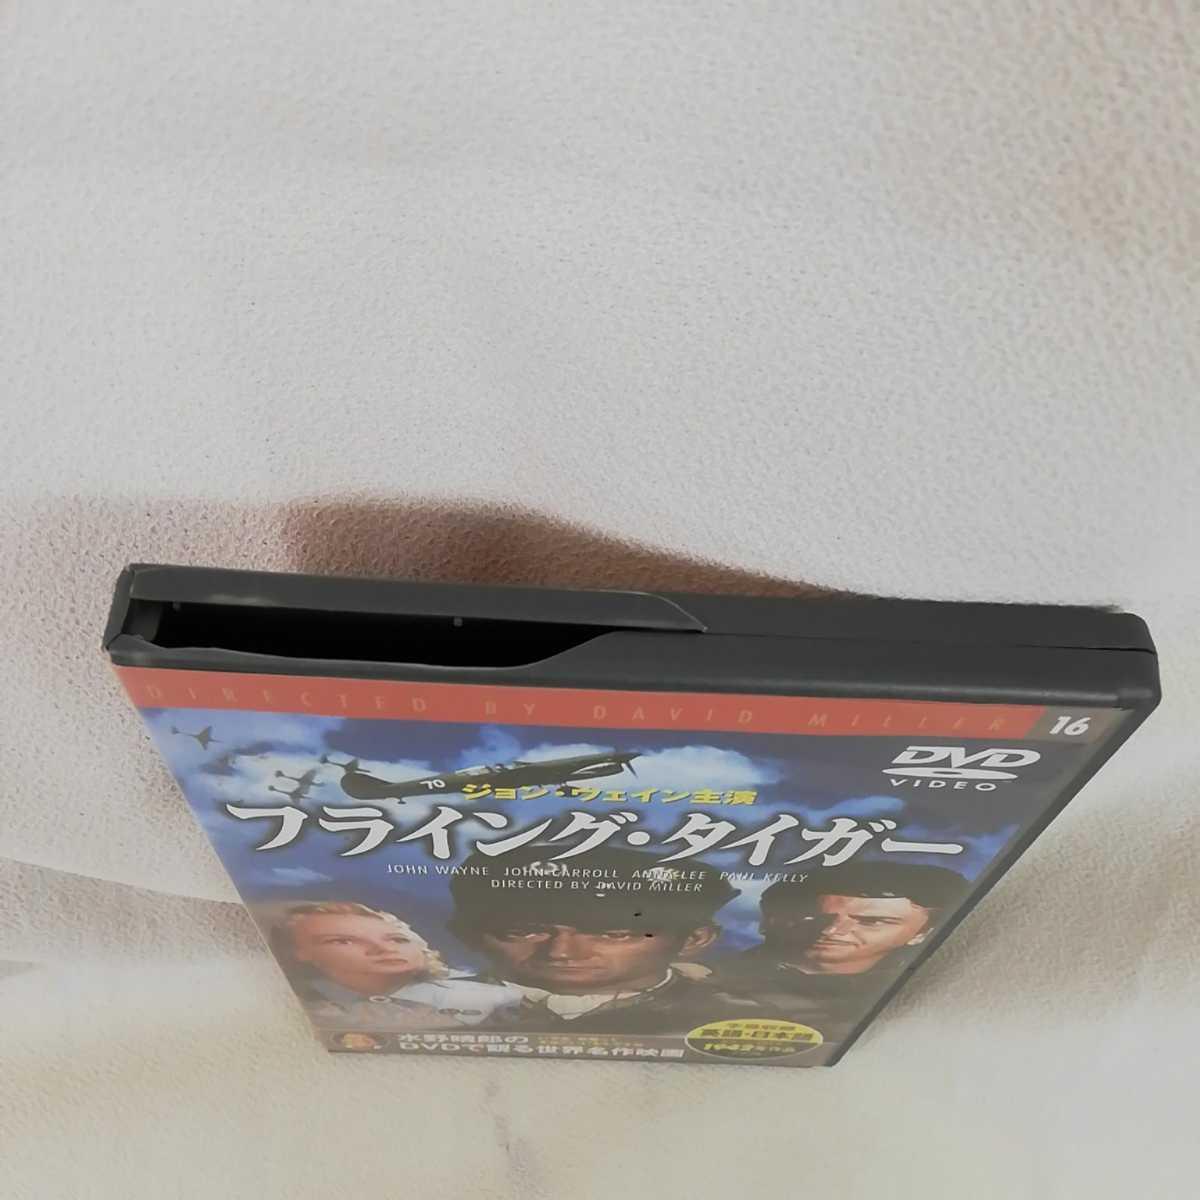 598 世界名作映画 水野晴郎のDVDで観る世界名作映画 など 洋画 15枚セット KEEP_ケース割れ あり